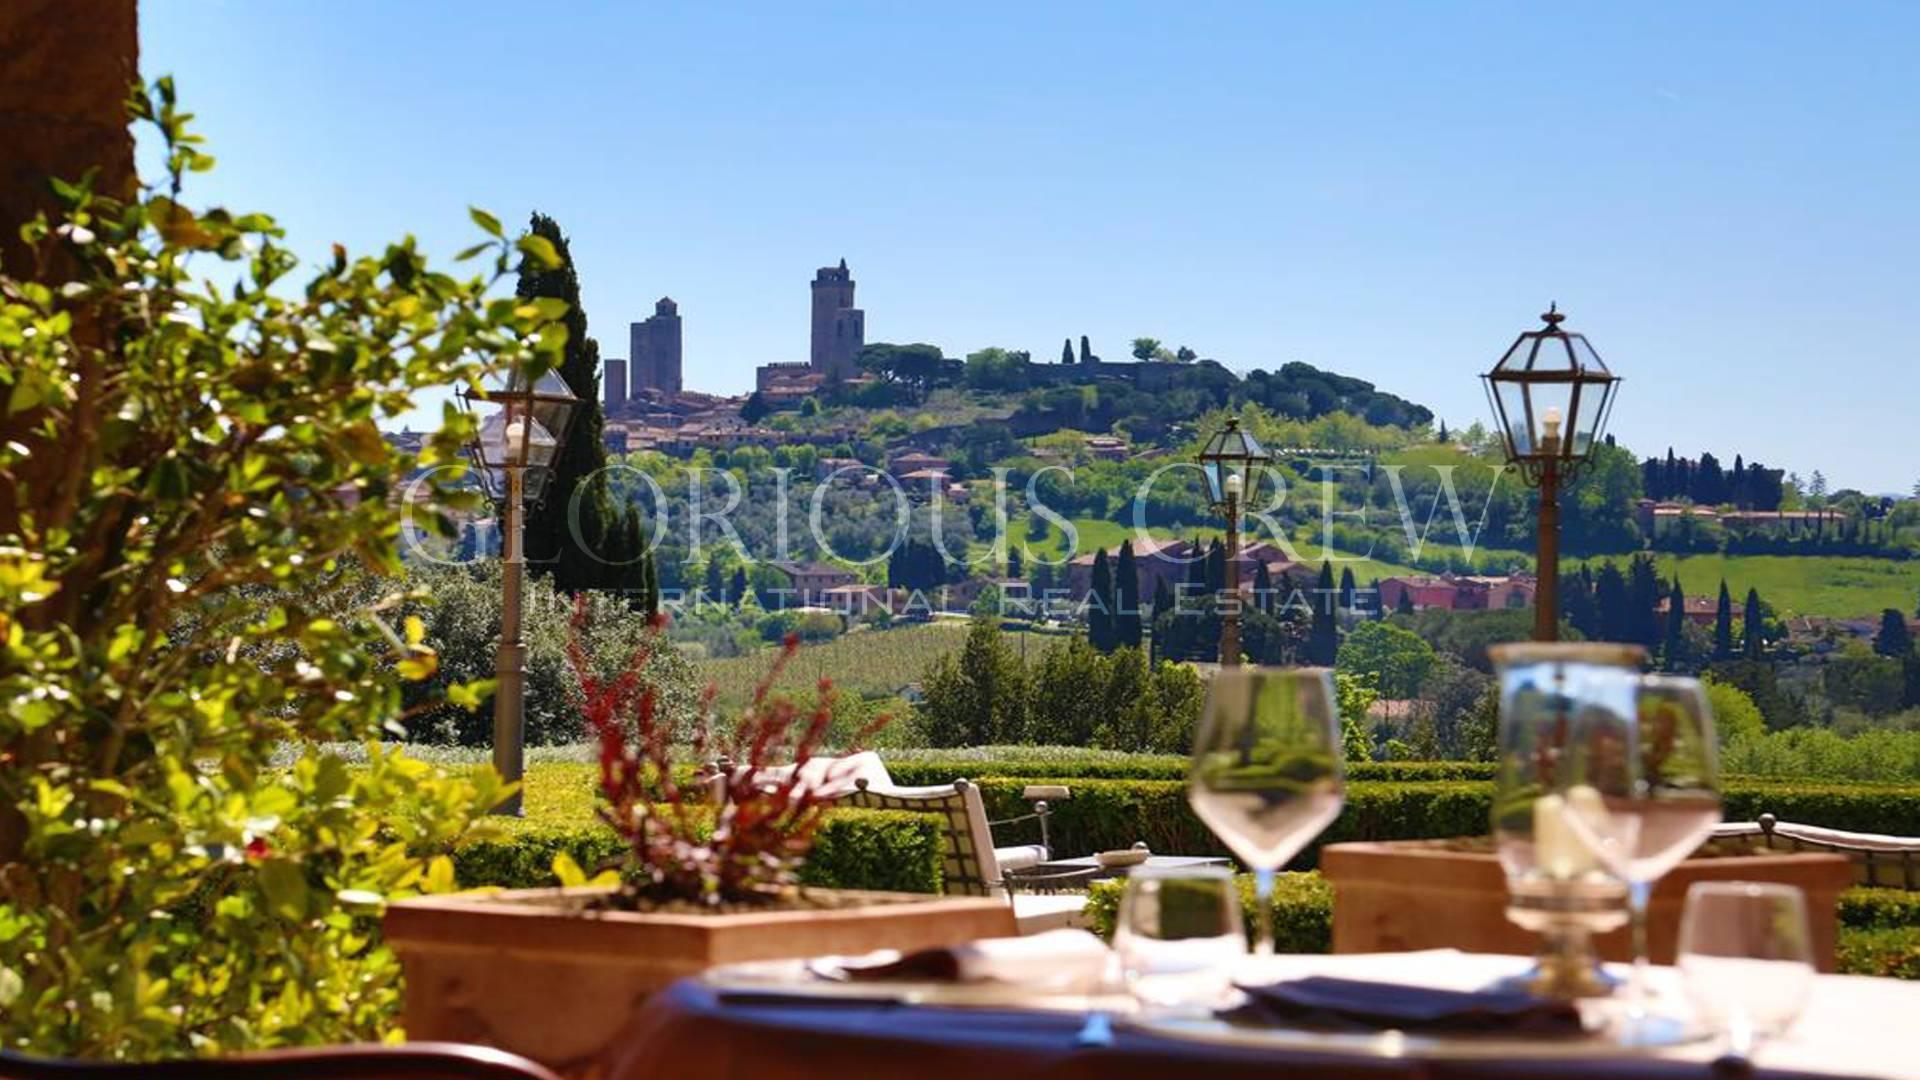 Rustico in Vendita a San Gimignano: 5 locali, 2500 mq - Foto 20